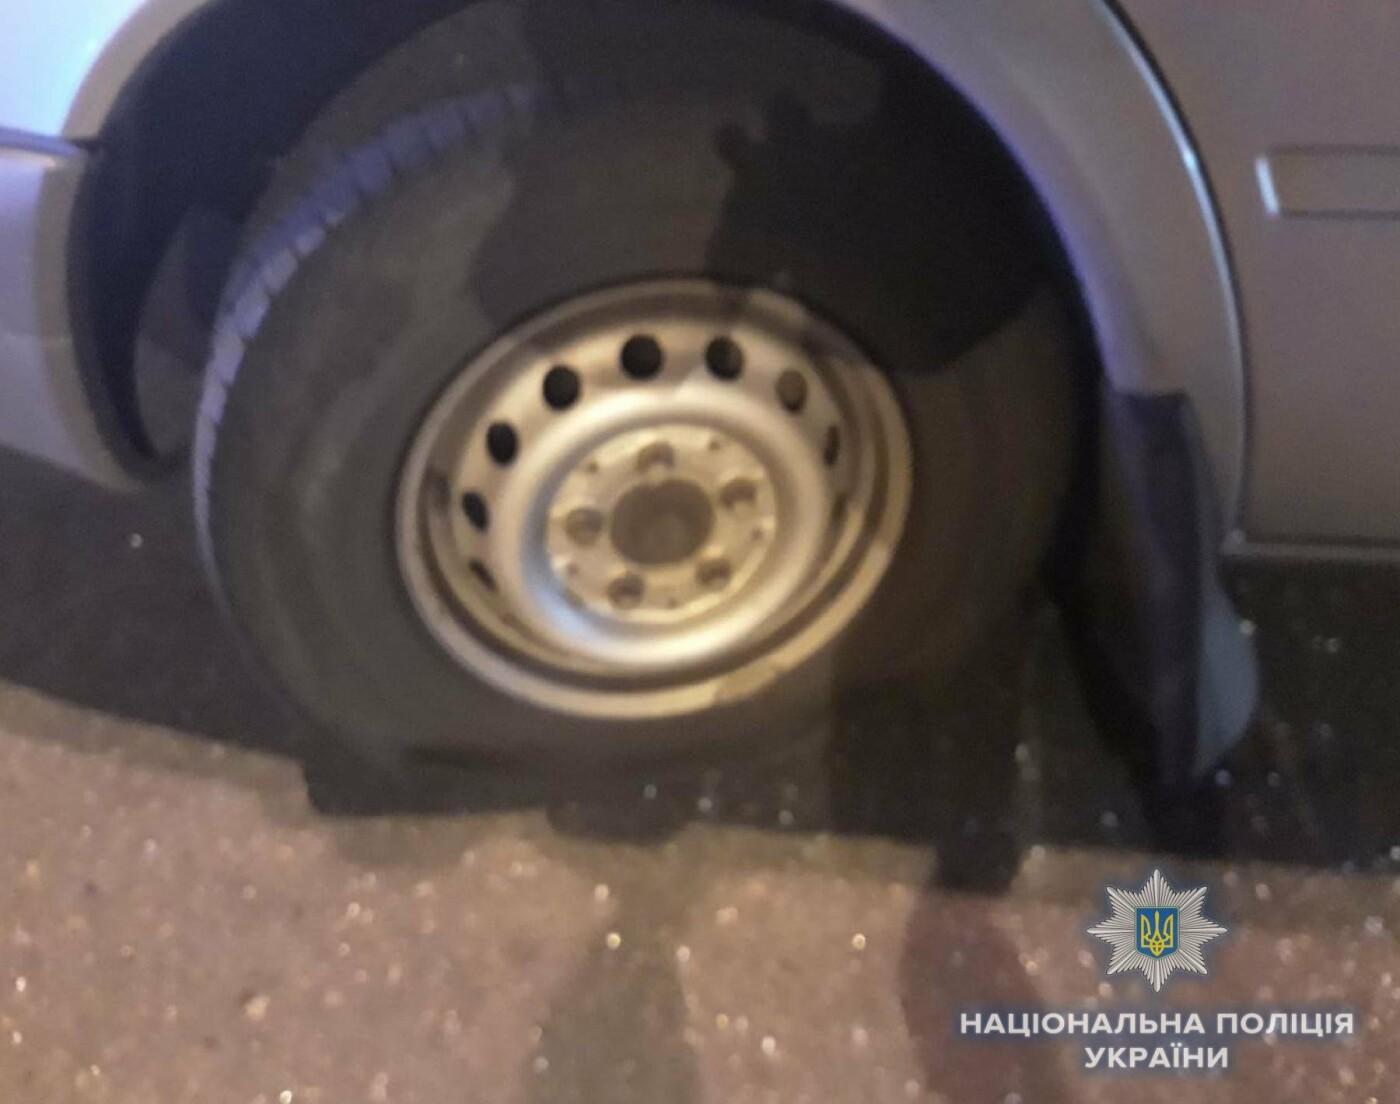 Поліцейські не підтвердили інформацію про обстріл пасажирського мікроавтобусу Київ-Біла Церква, фото-1